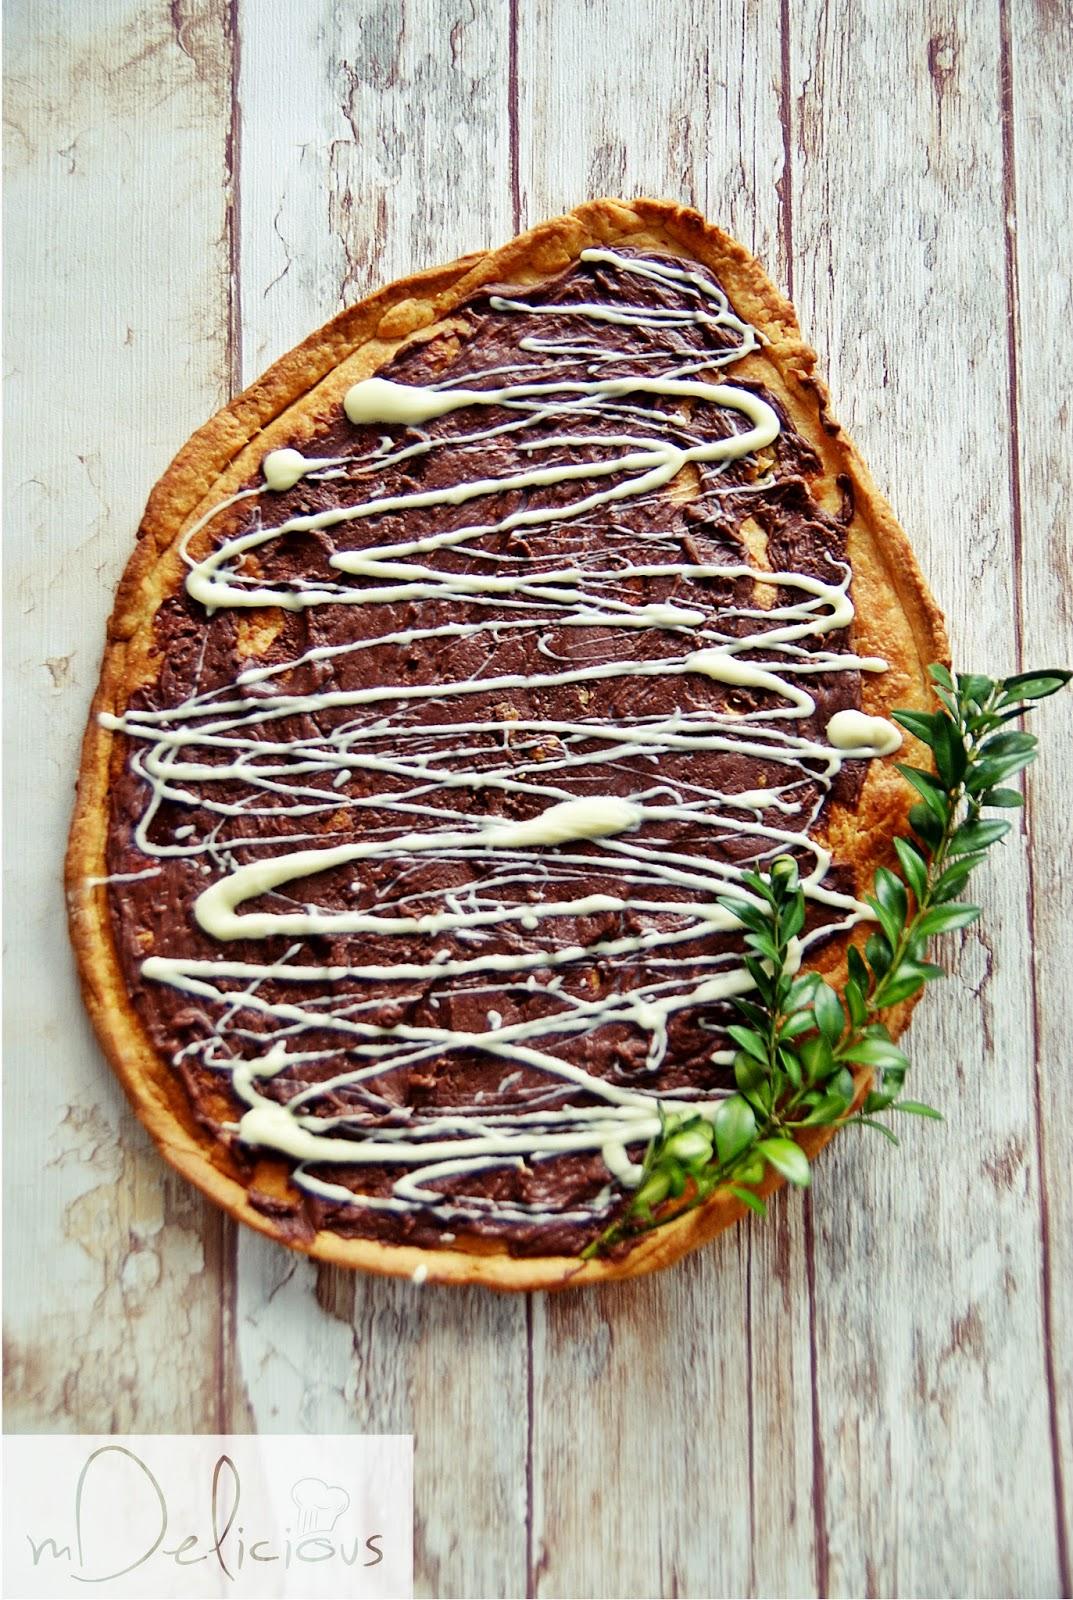 mazurek, mazurki, mazurek czekoladowy, mazurek z czekoladą, mazurek na kruchym cieście, mazurki przepisy, mazurek przepis, przepis na mazurek, przepis na mazurka